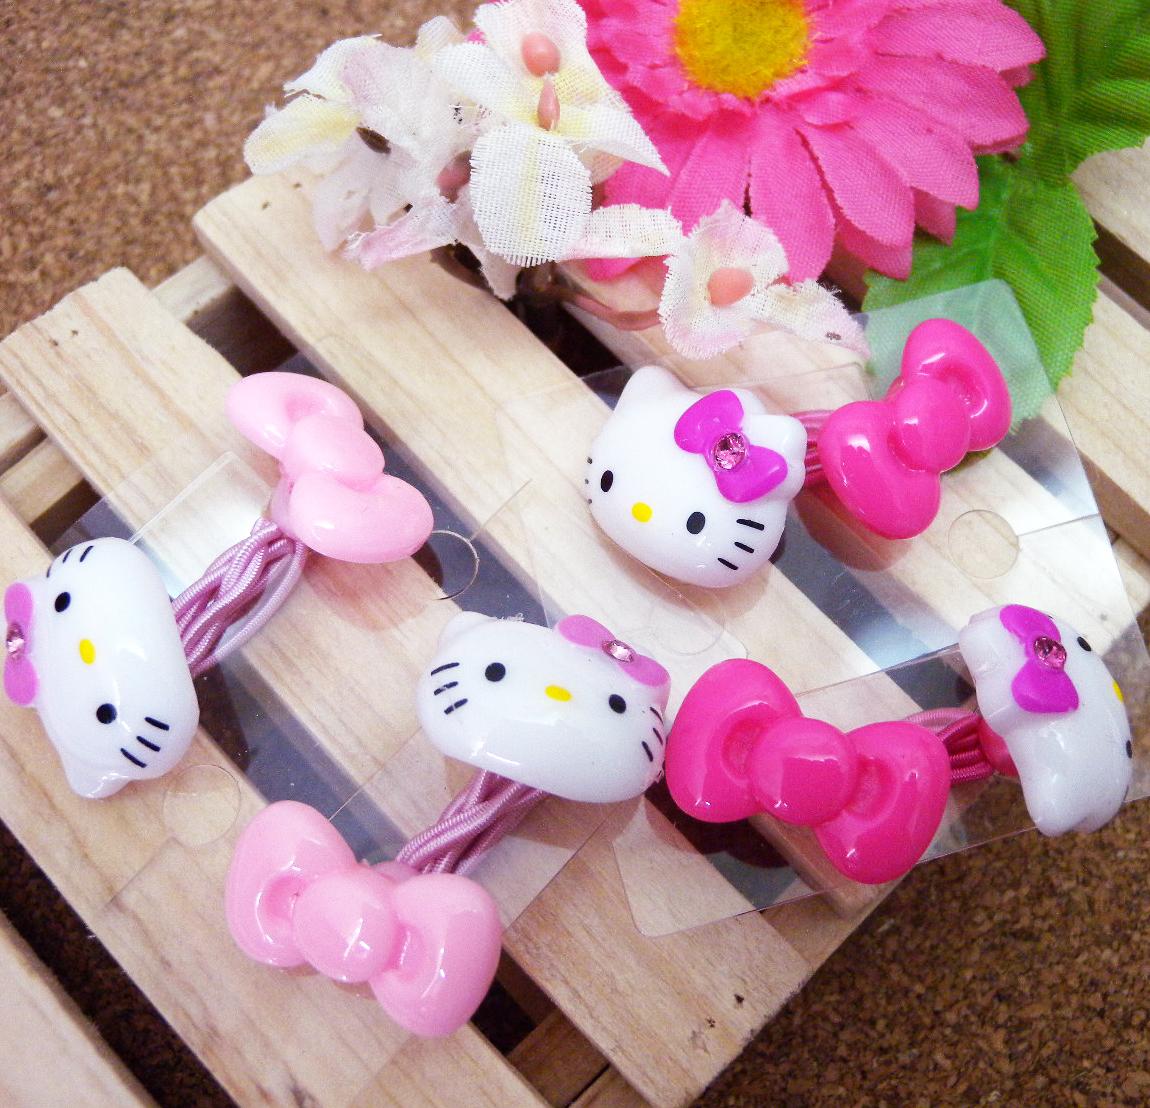 【真愛日本】15060300016 二入髮束-大臉&蝴蝶結2色 三麗鷗 Hello Kitty 凱蒂貓 髮飾 飾品 正品 限量 預購